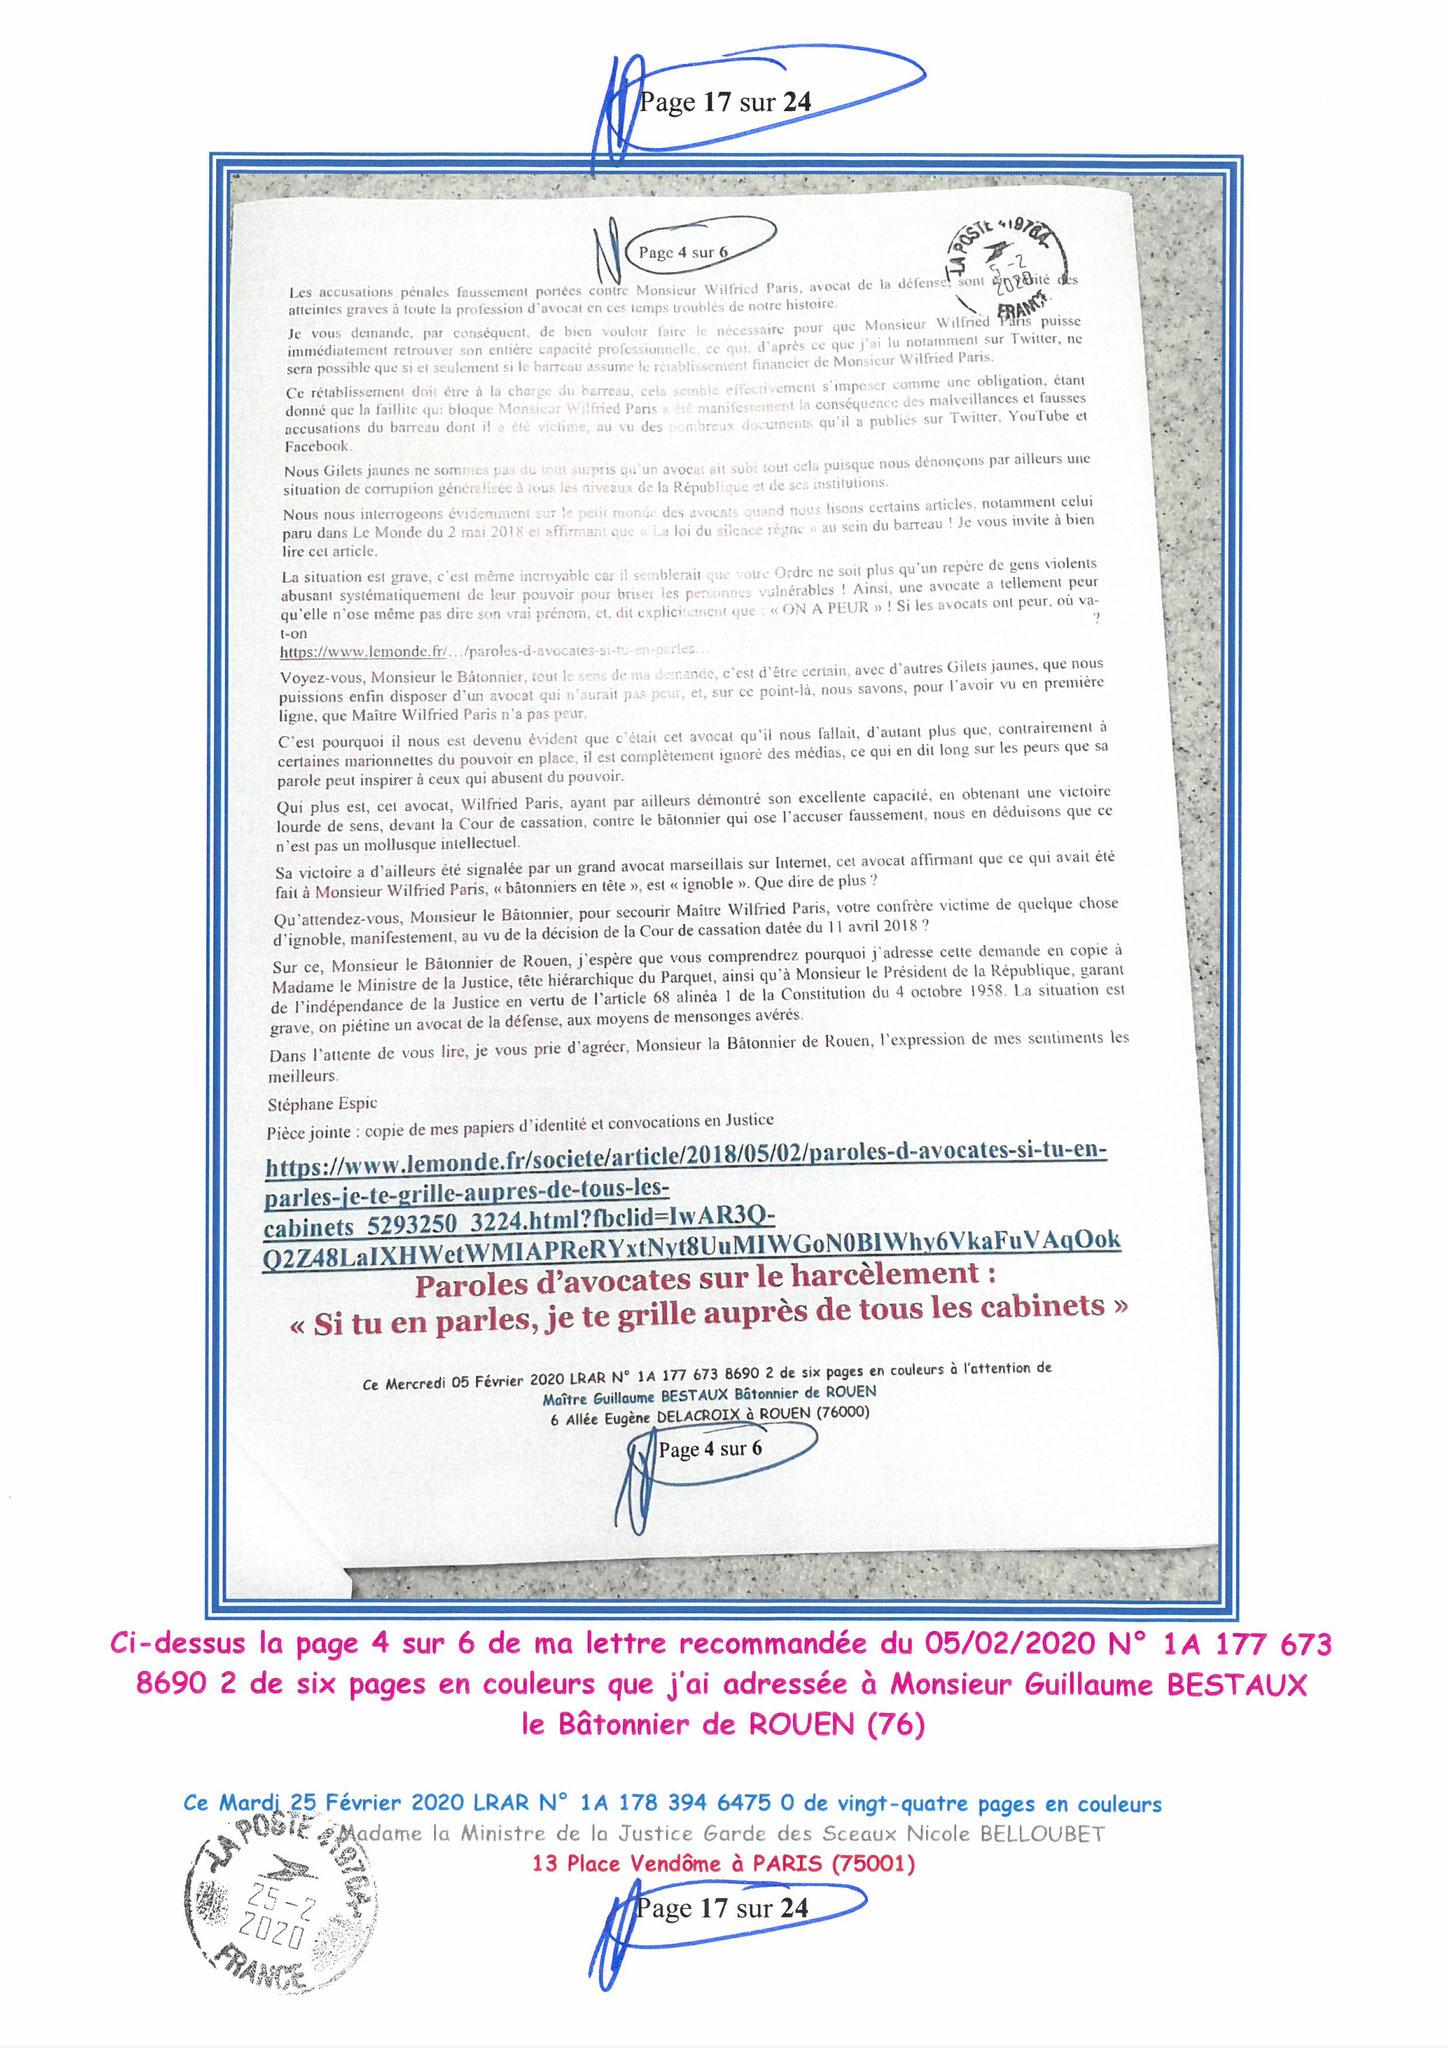 Ma LRAR à Madame Nicole BELLOUBET la Ministre de la Justice N0 1A 178 394 6475 0 Page 17 sur 24 en couleur  www.jesuispatrick.com www.jesuisvictime.fr www.alerte-rouge-france.fr